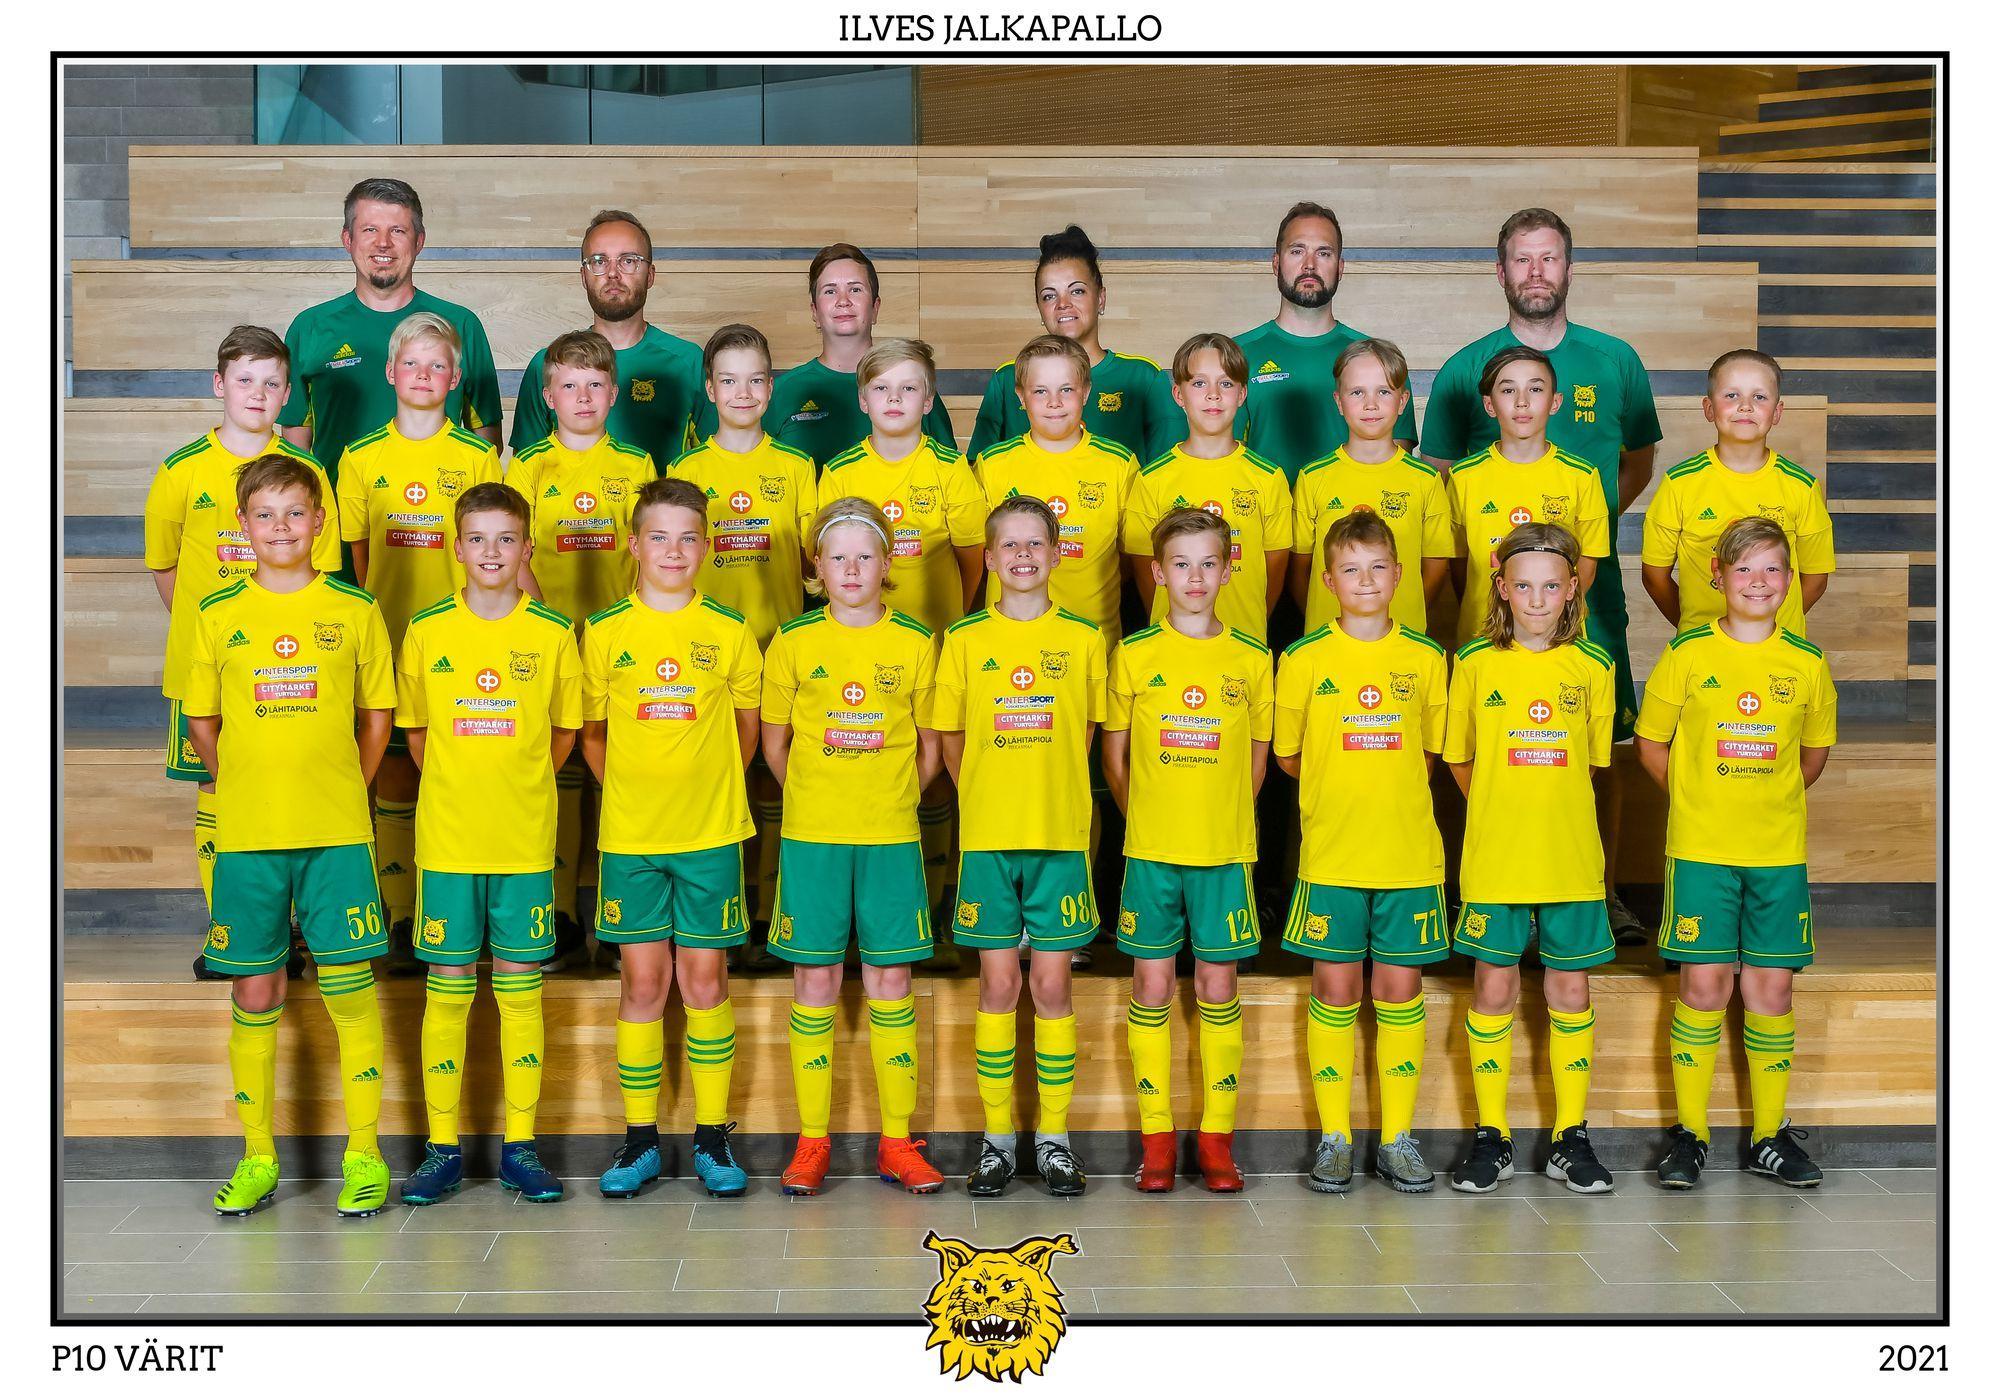 Ilves220621 KLK 2 ilves jalkapallo p10 varit Urheilukuvaus